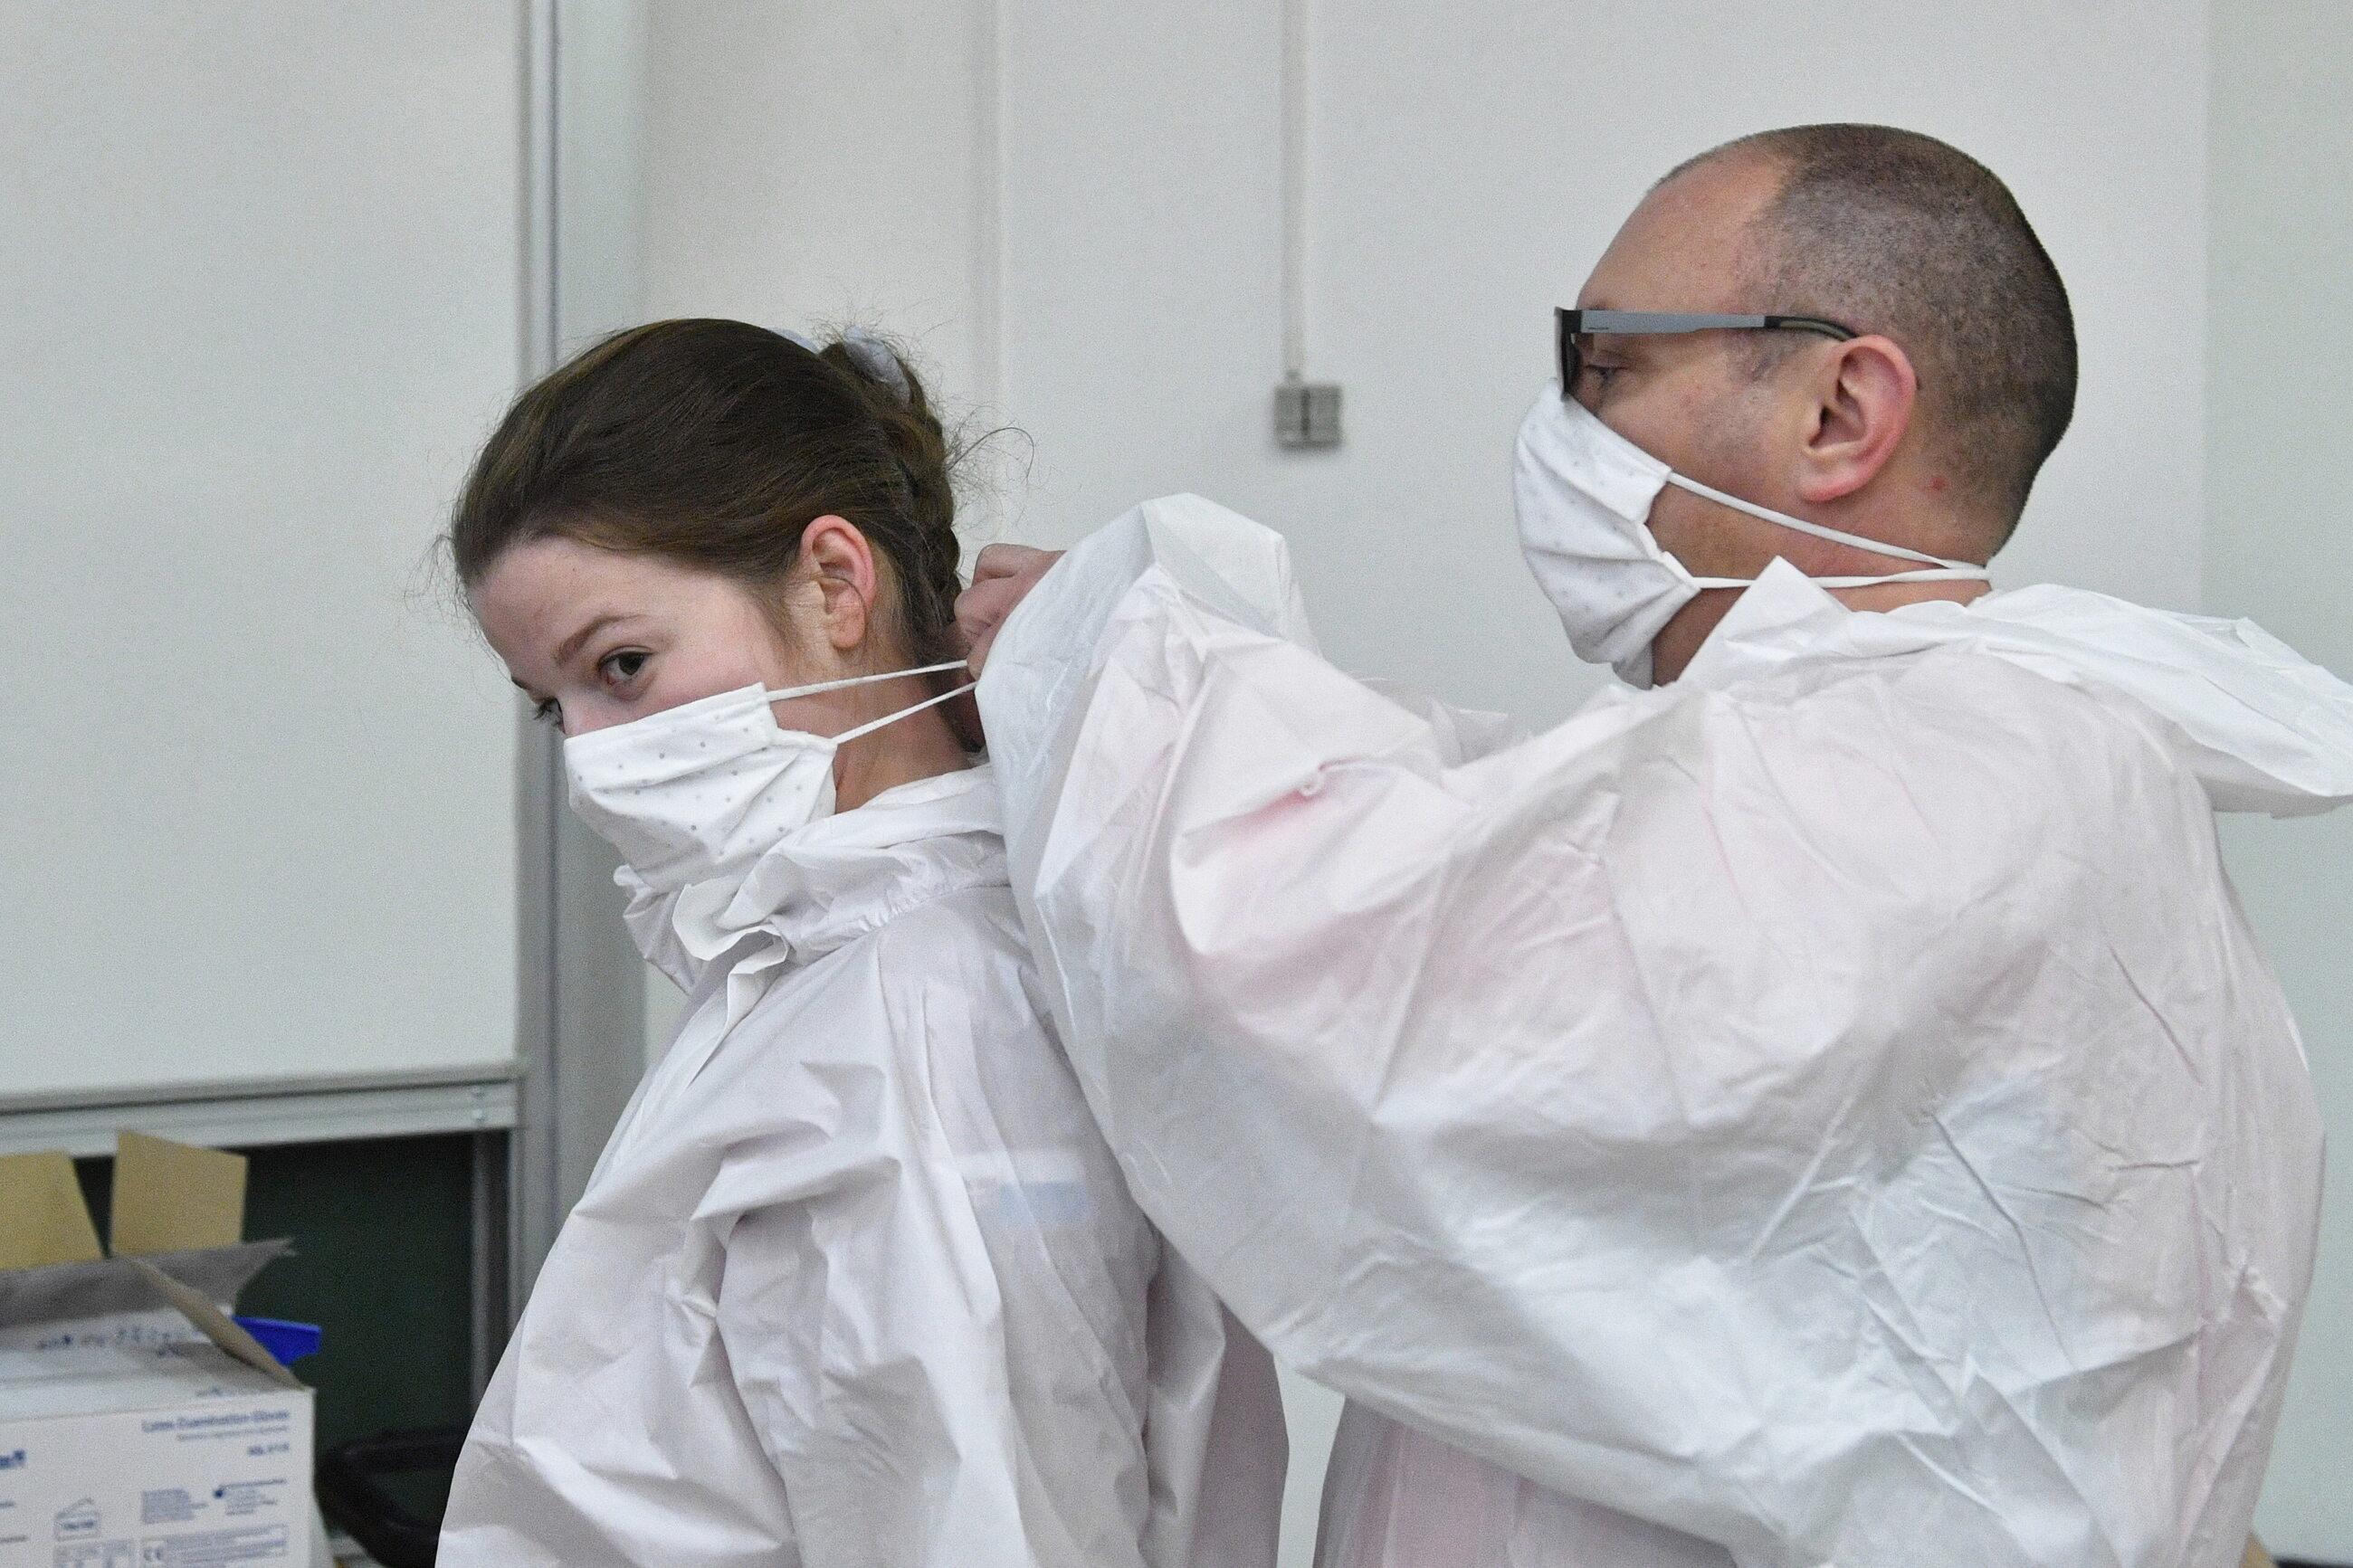 Niemal 70 polskich medyków przyleciało do Bratysławy, aby wspierać tamtejszą służbę zdrowia.